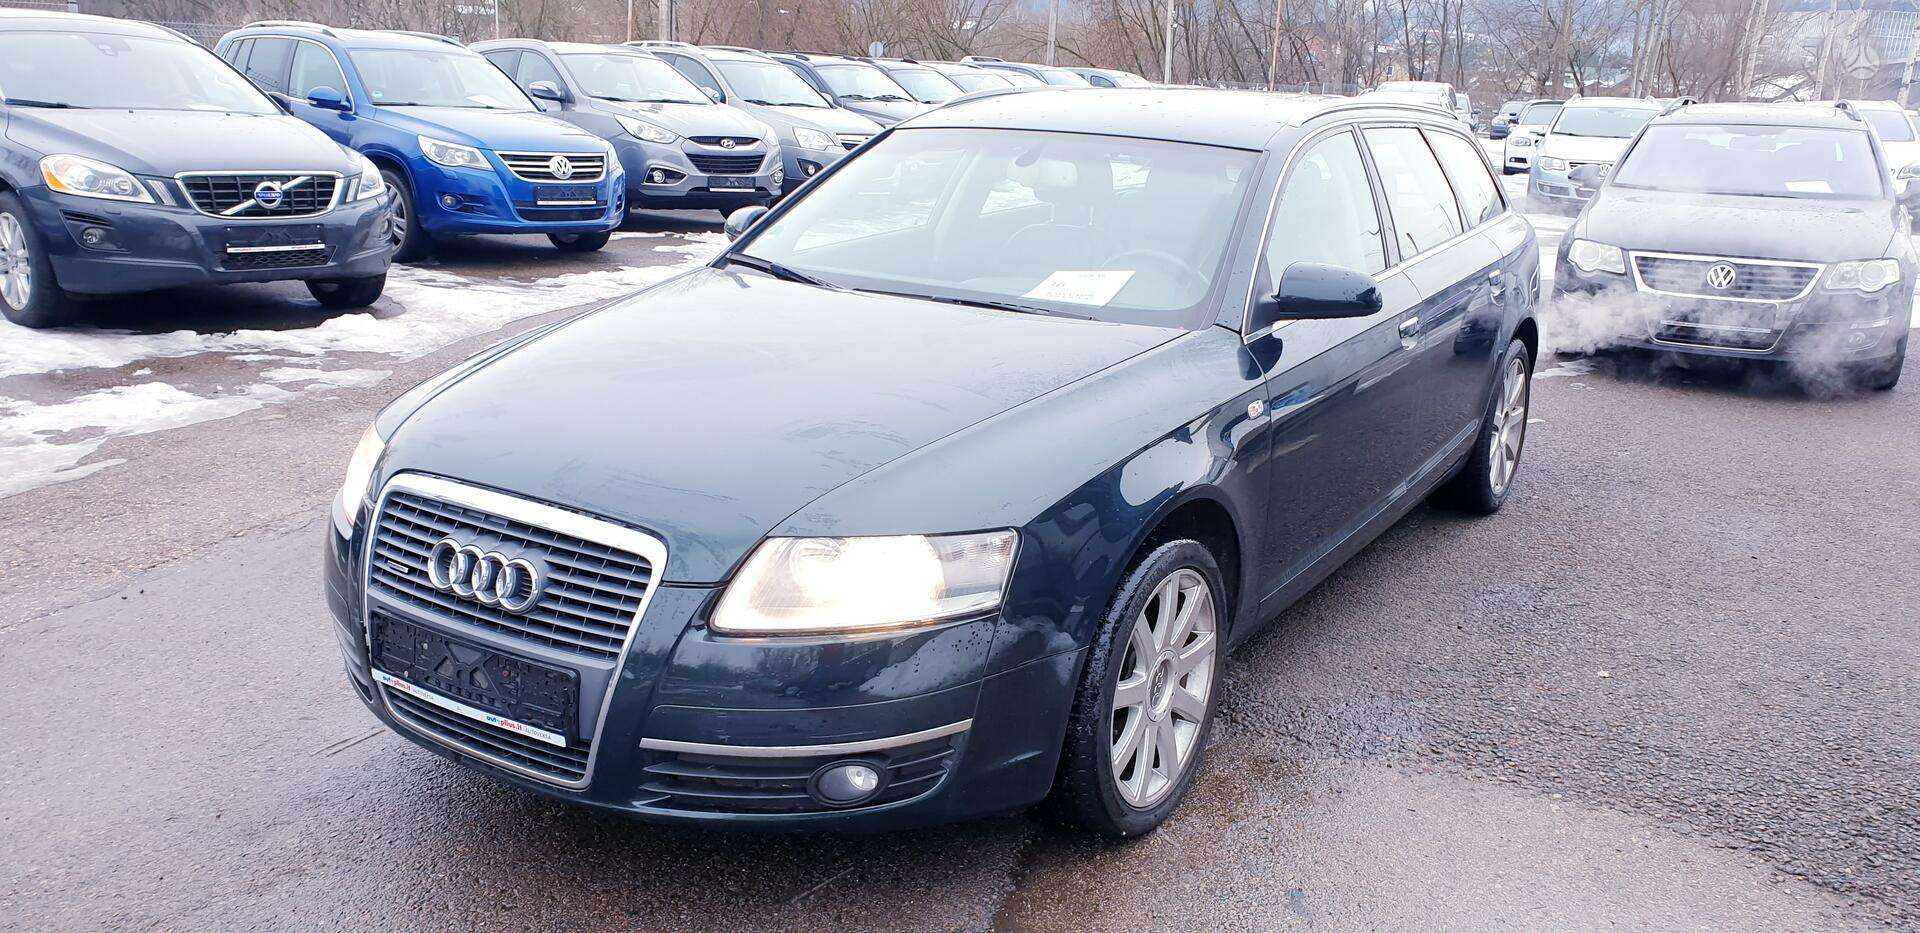 Audi A6 išsimokėtinai nuo 78Eur/Mėn ir su 3 mėnesių garantija